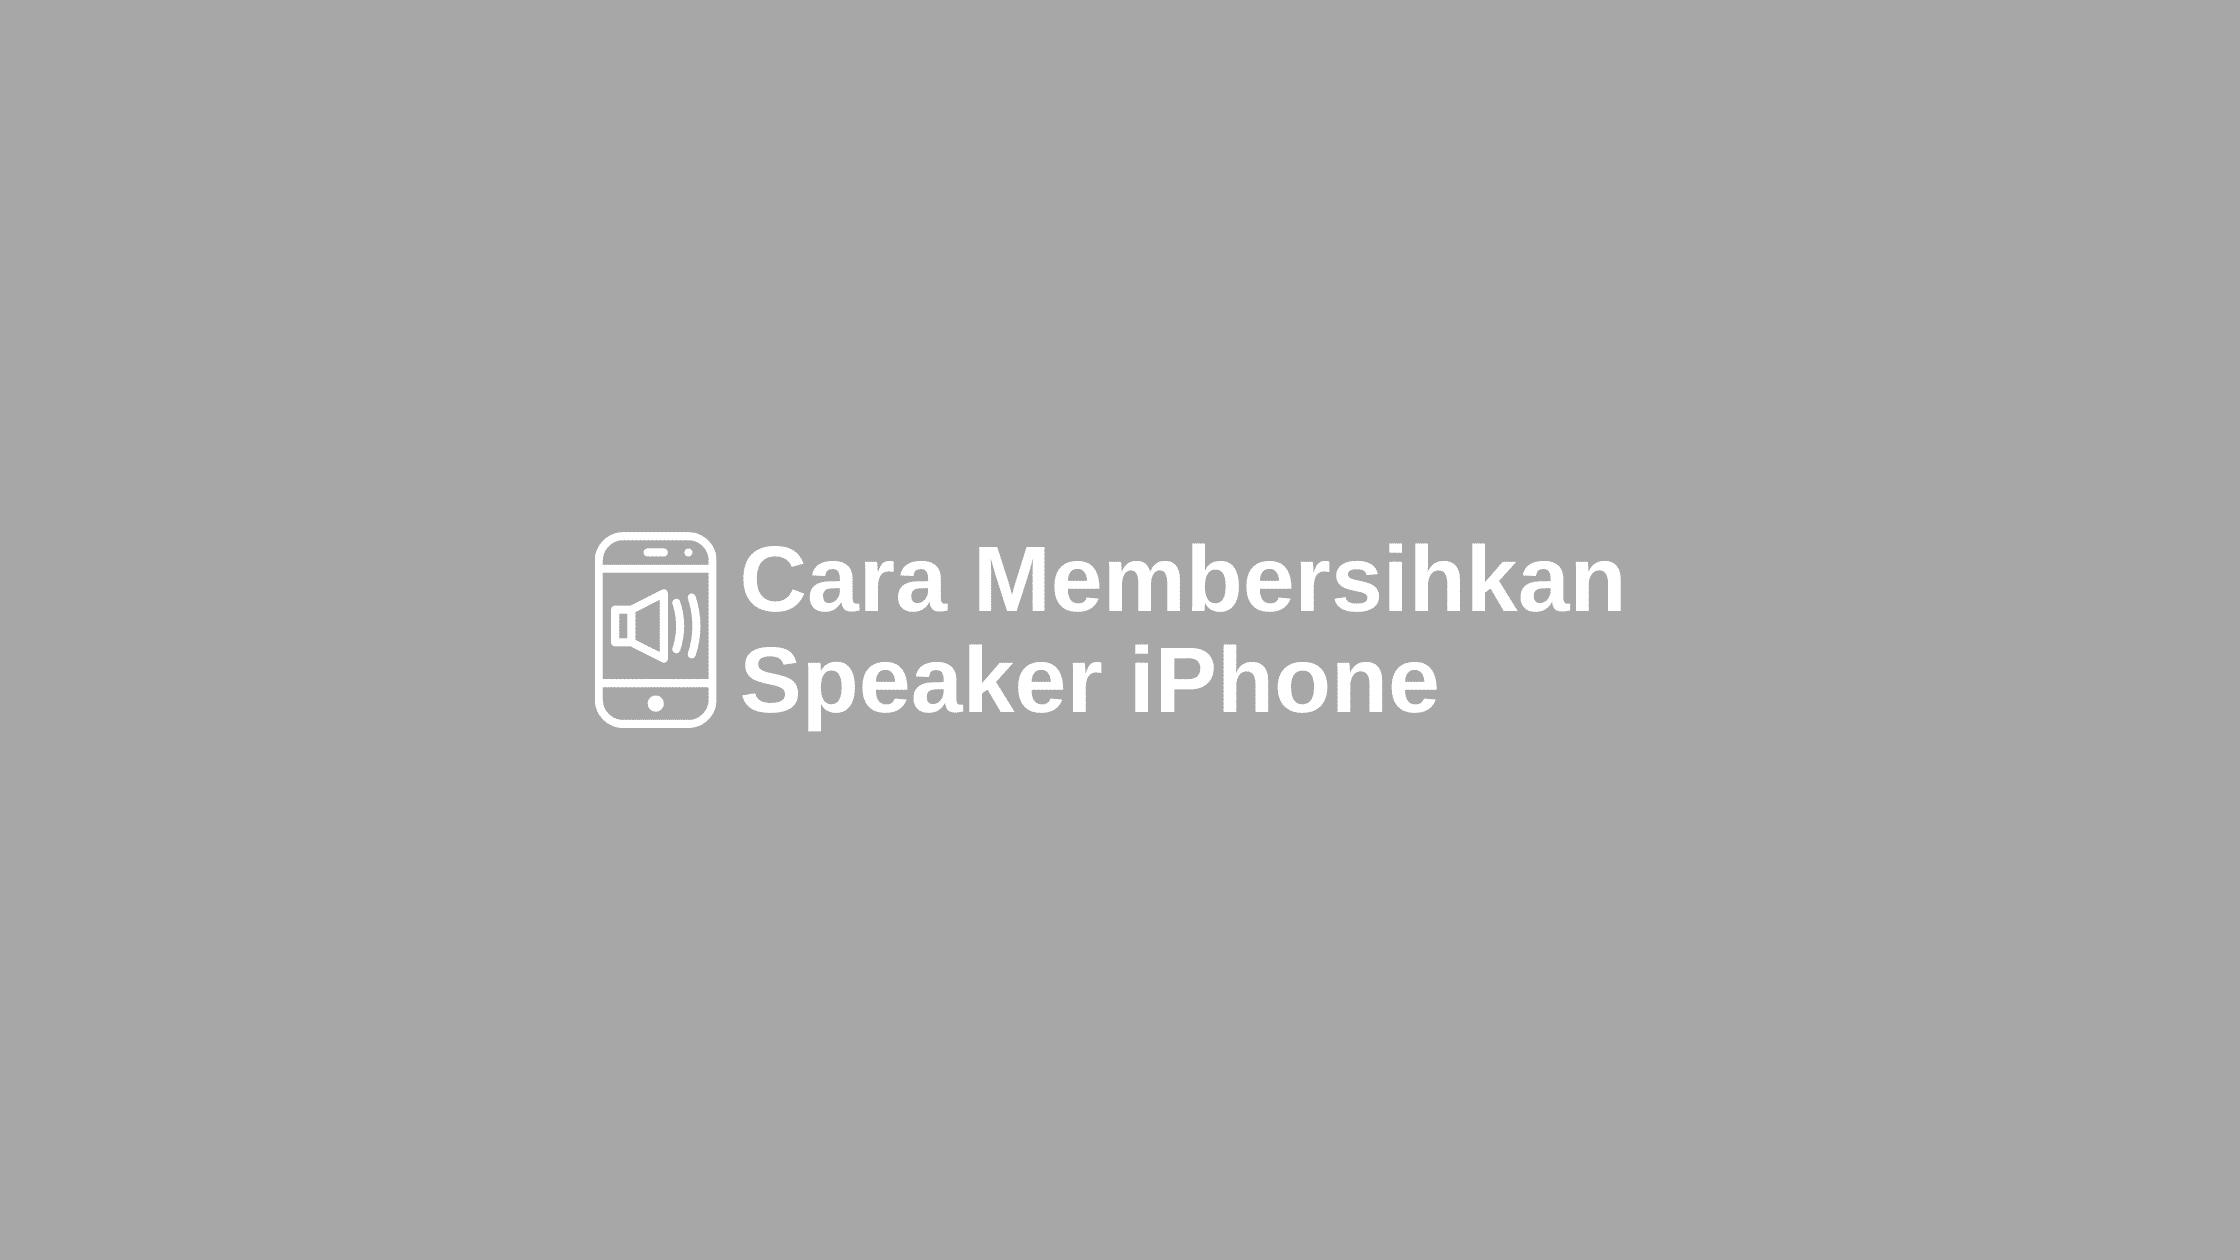 cara membersihkan speaker iphone